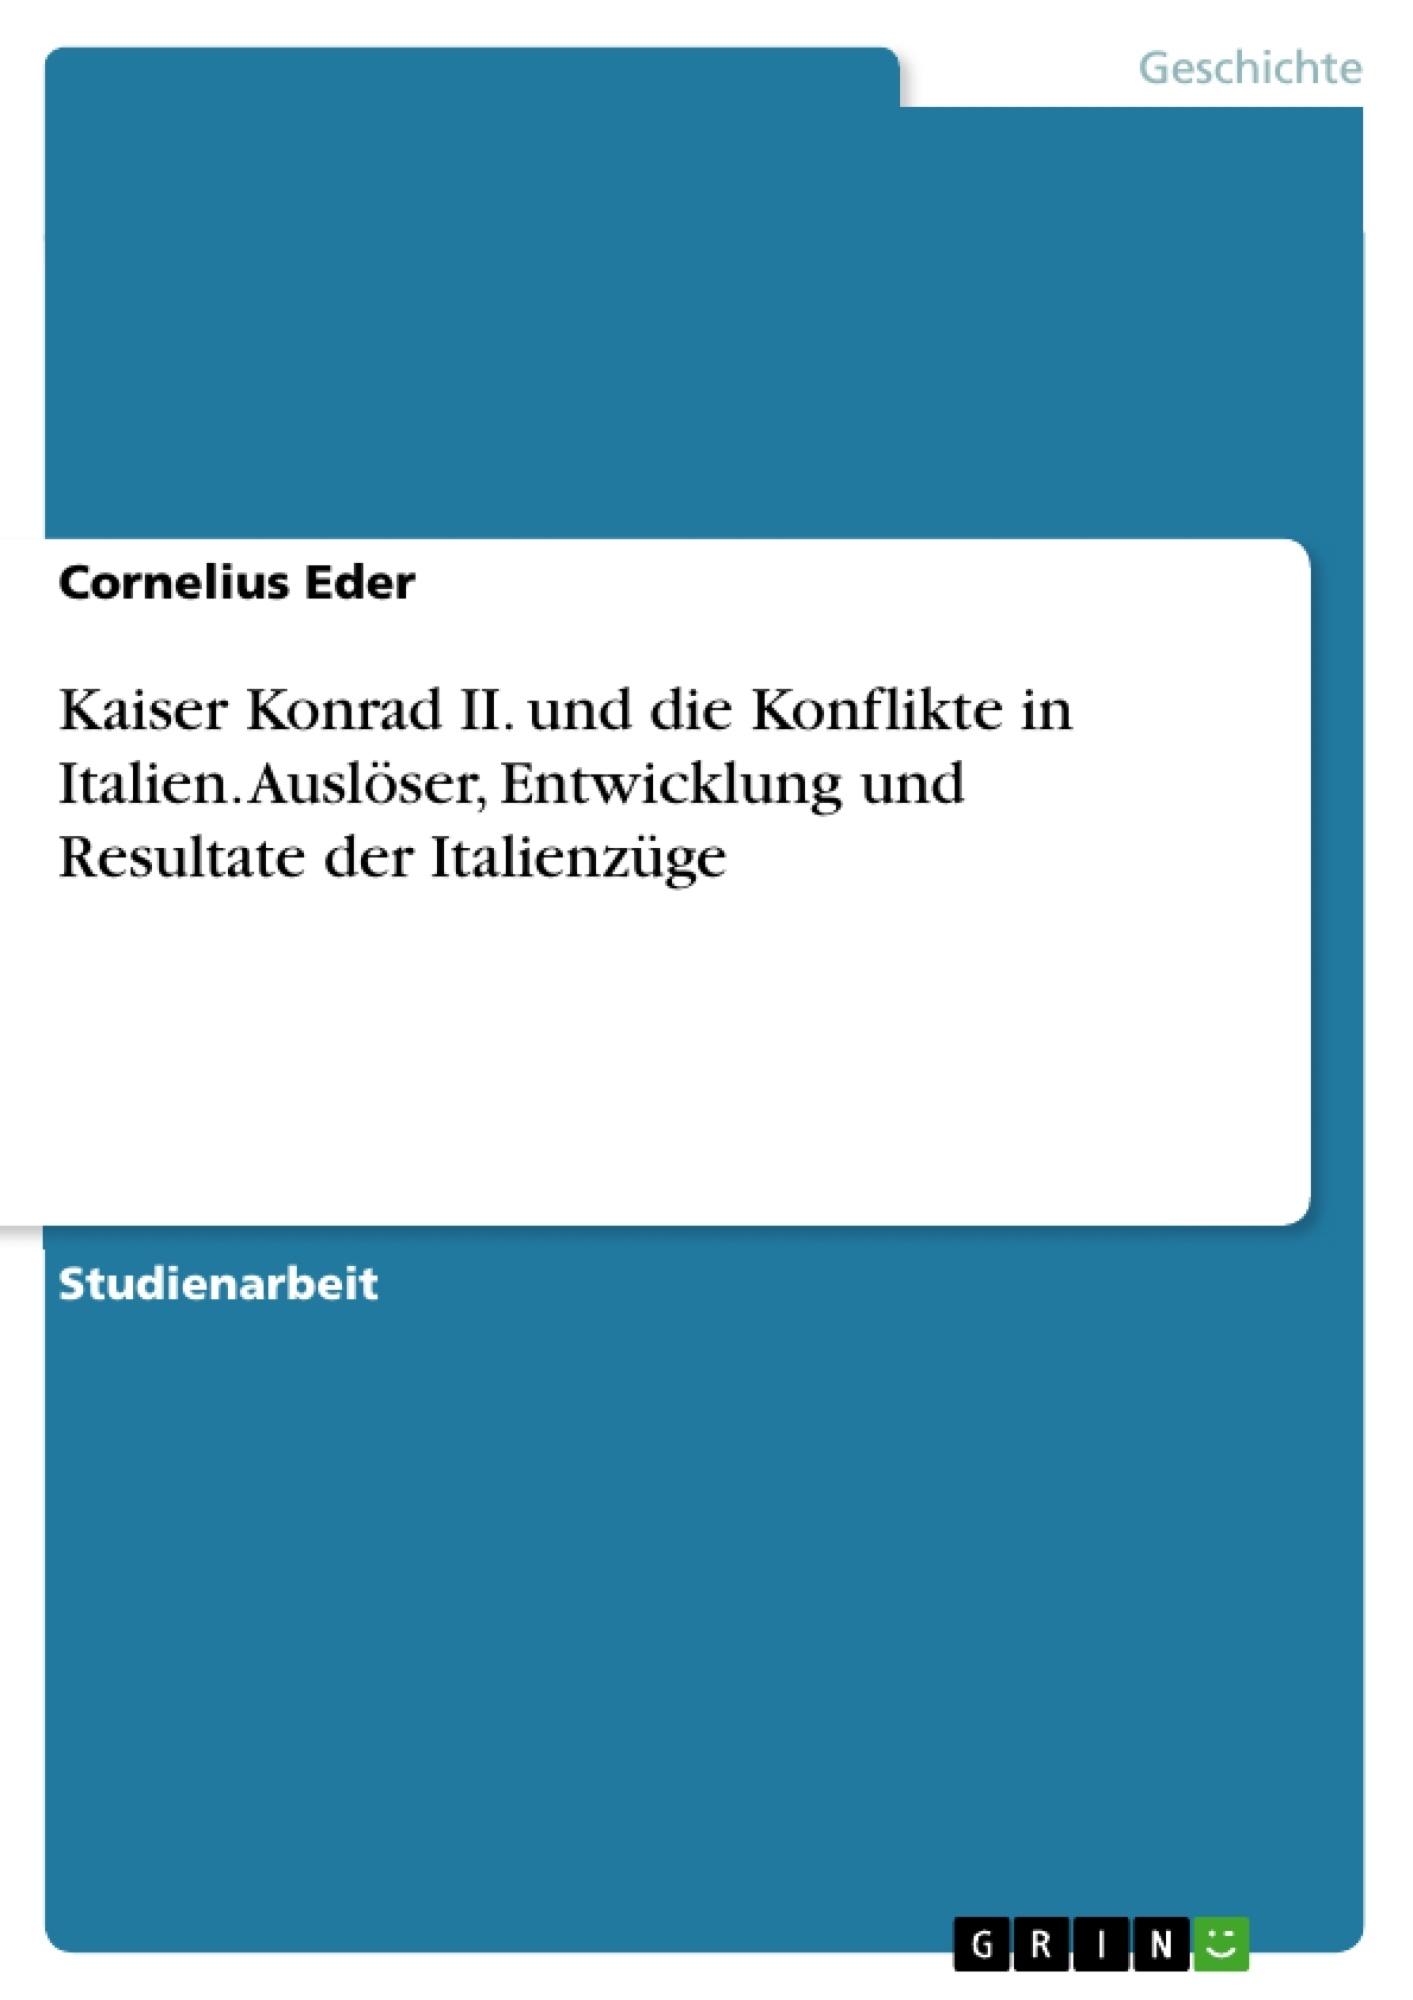 Titel: Kaiser Konrad II. und die Konflikte in Italien. Auslöser, Entwicklung und Resultate der Italienzüge